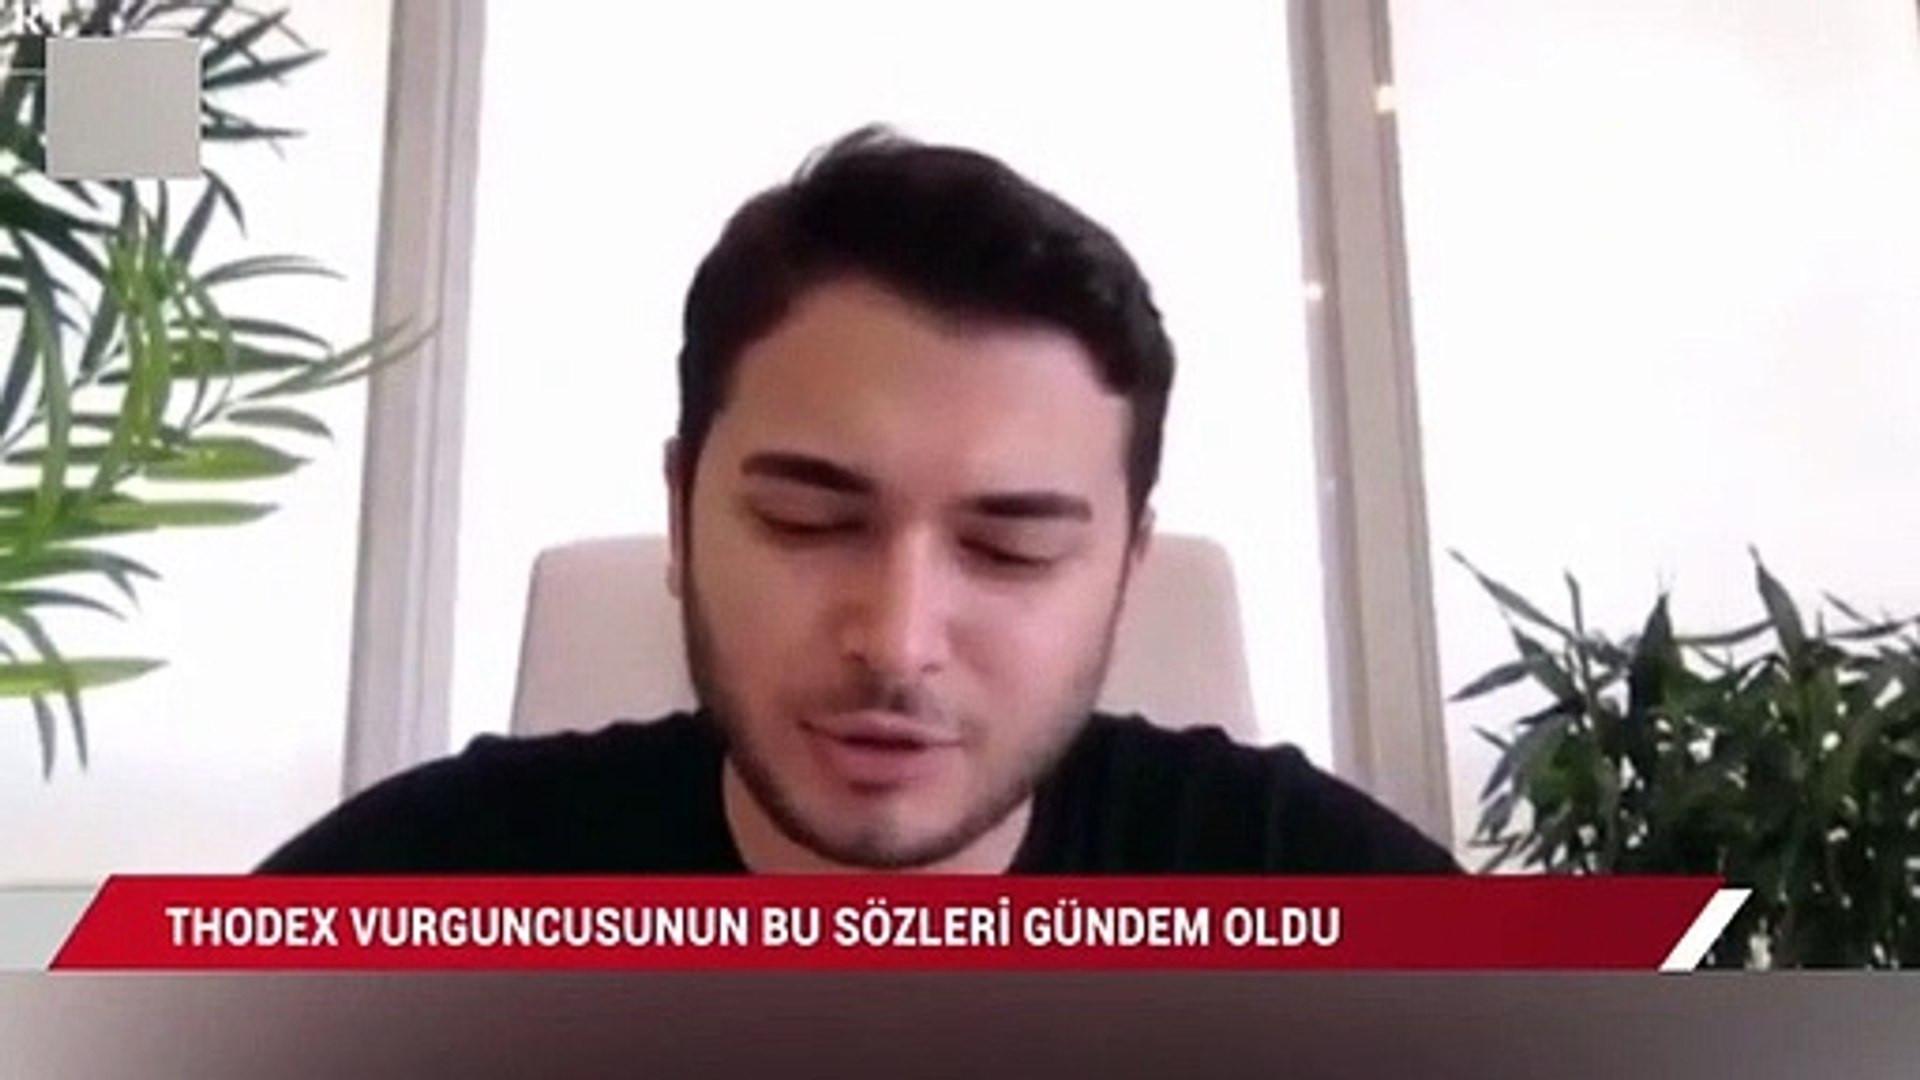 2 milyar dolar ile kayıplara karışan Kripto Tosuncuk'tan olay sözler!